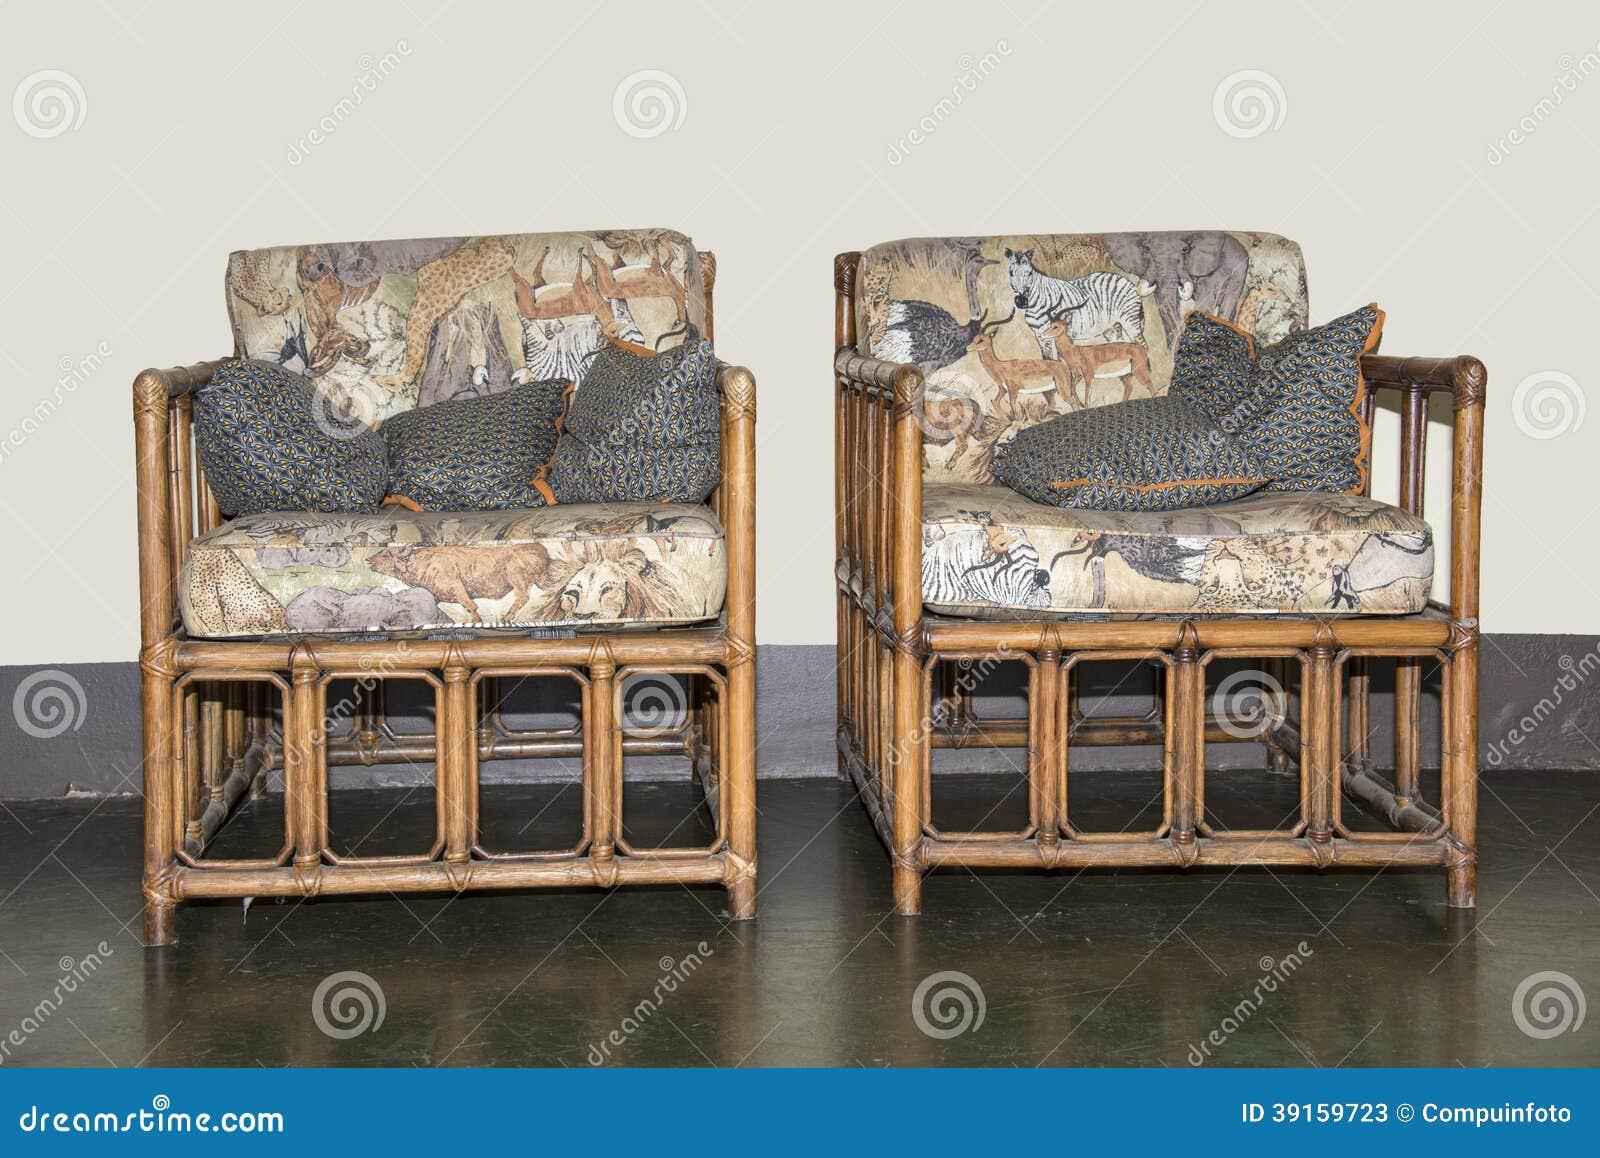 Muebles De Bamb Hechos A Mano Imagen De Archivo Imagen De Le N  # Muebles Hechos A Mano